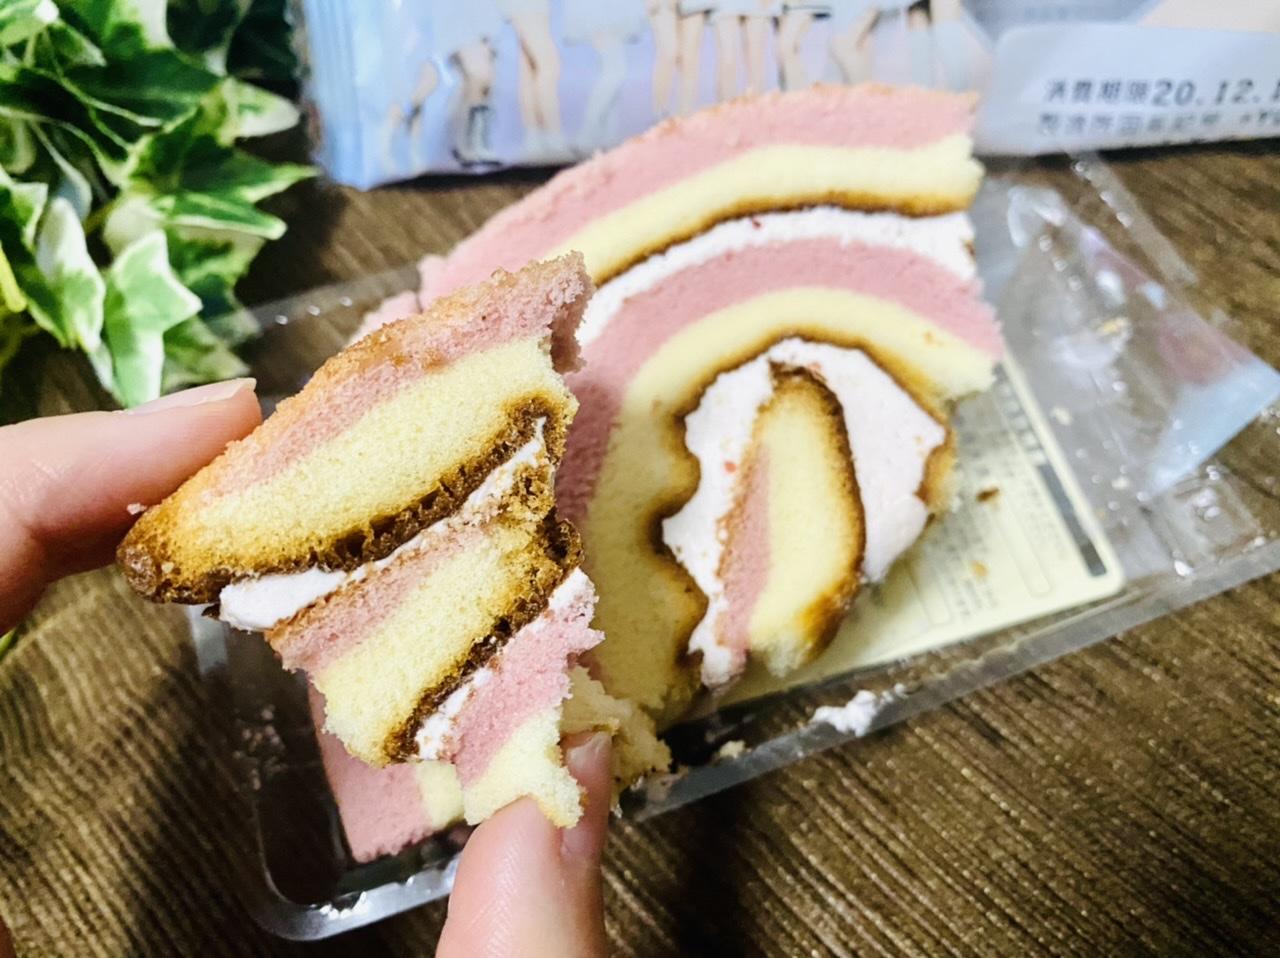 【ローソン×NiziU】第2弾も大人買い確定★ステッカー入り《いちごのケーキ》をゲット♡_4